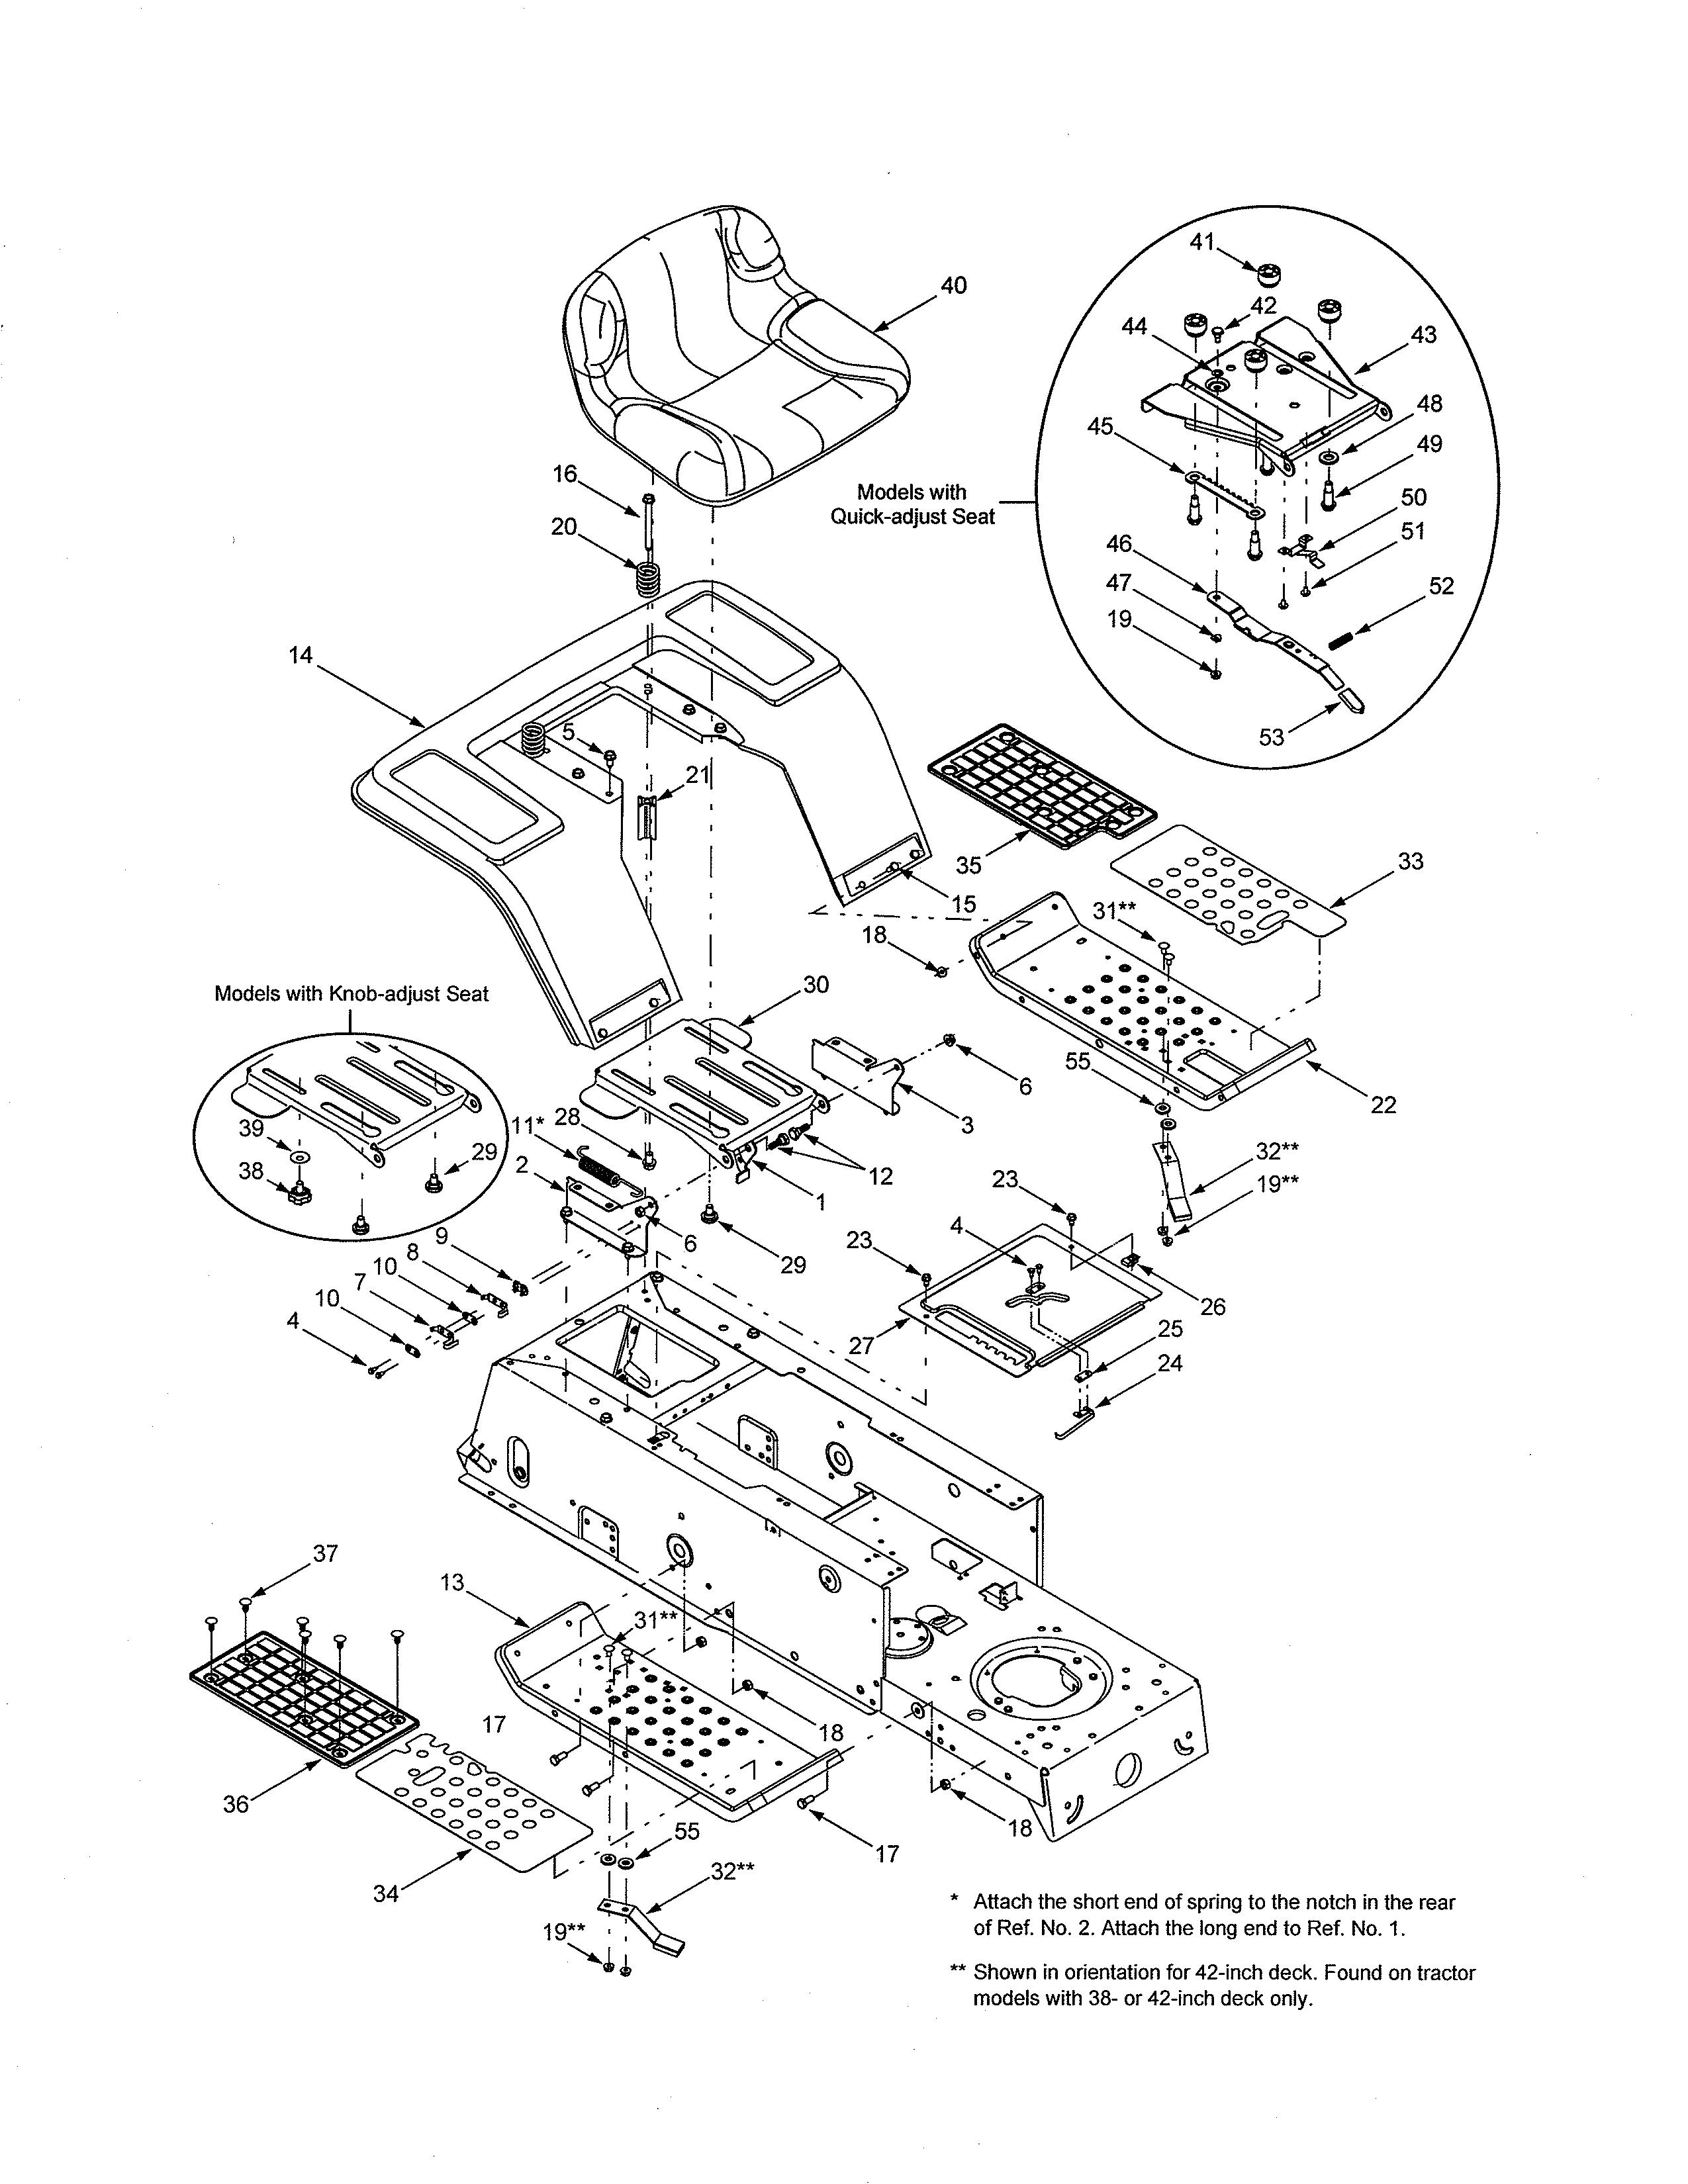 mtd 13af688g722 seat & fender diagram